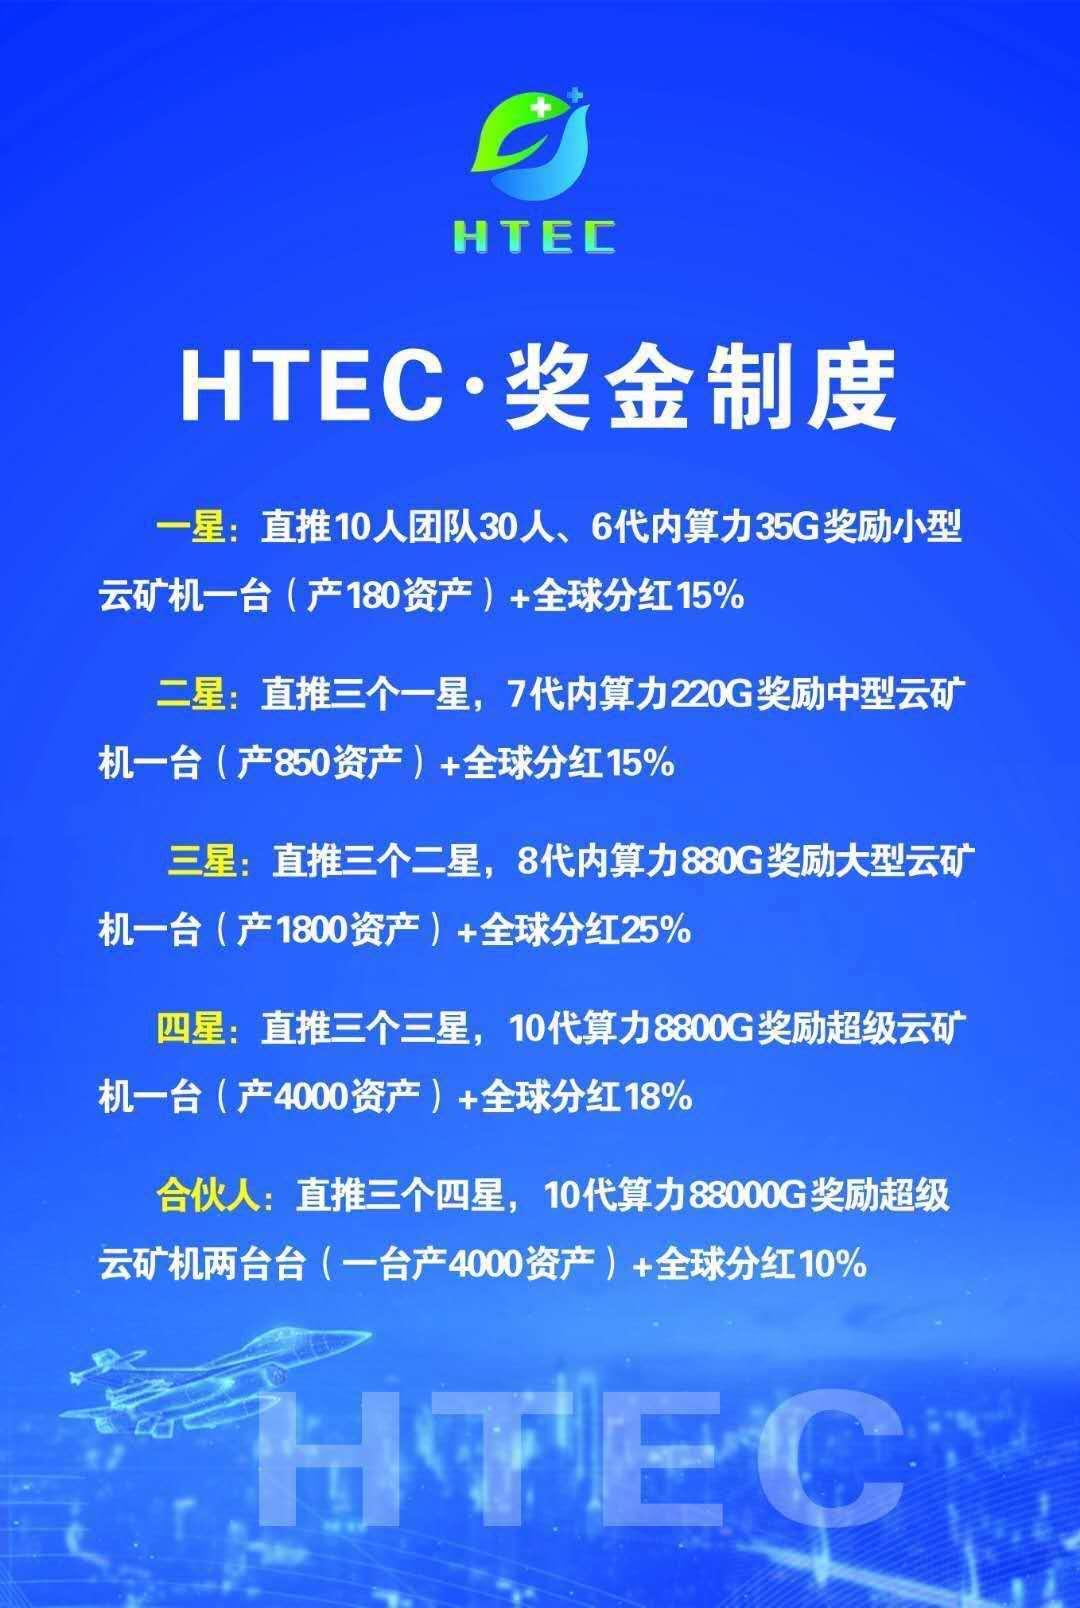 健康医疗链HTEC_手机矿机挖矿,注册认证,送矿机1台,等级星级